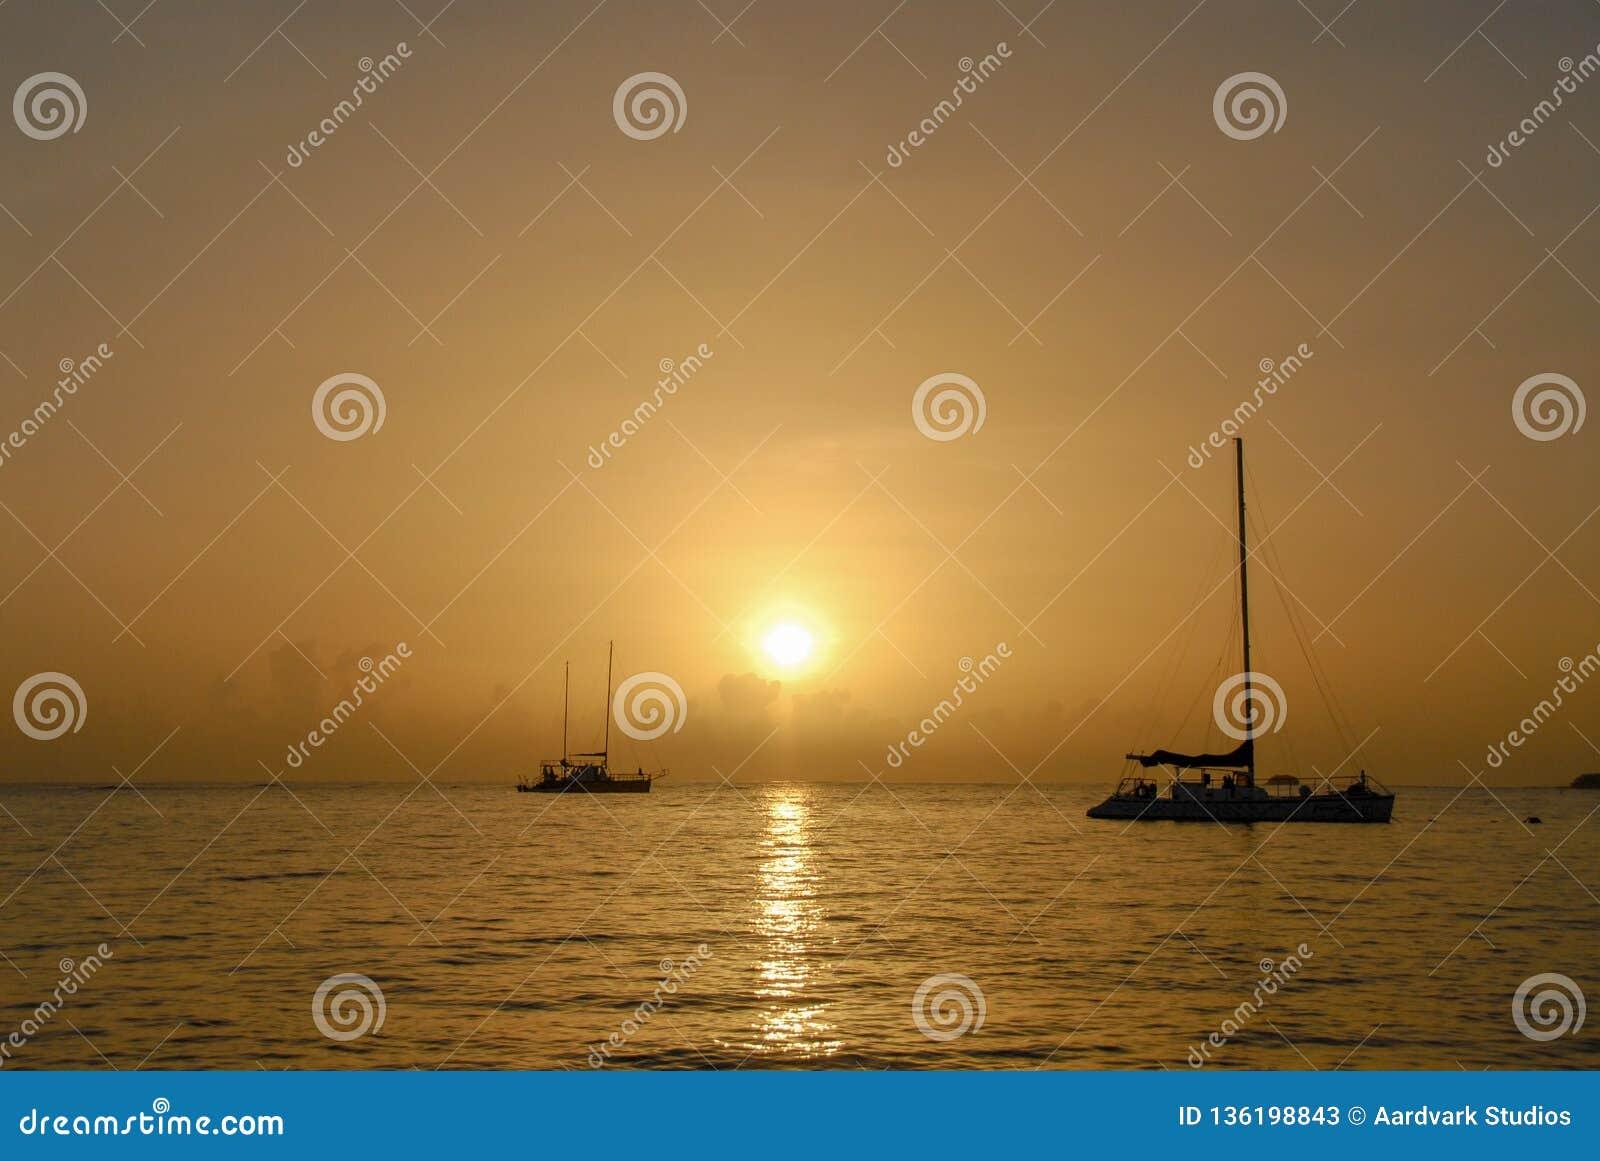 Fischerboote auf dem Adaman-Meer während des goldenen Sonnenuntergangs